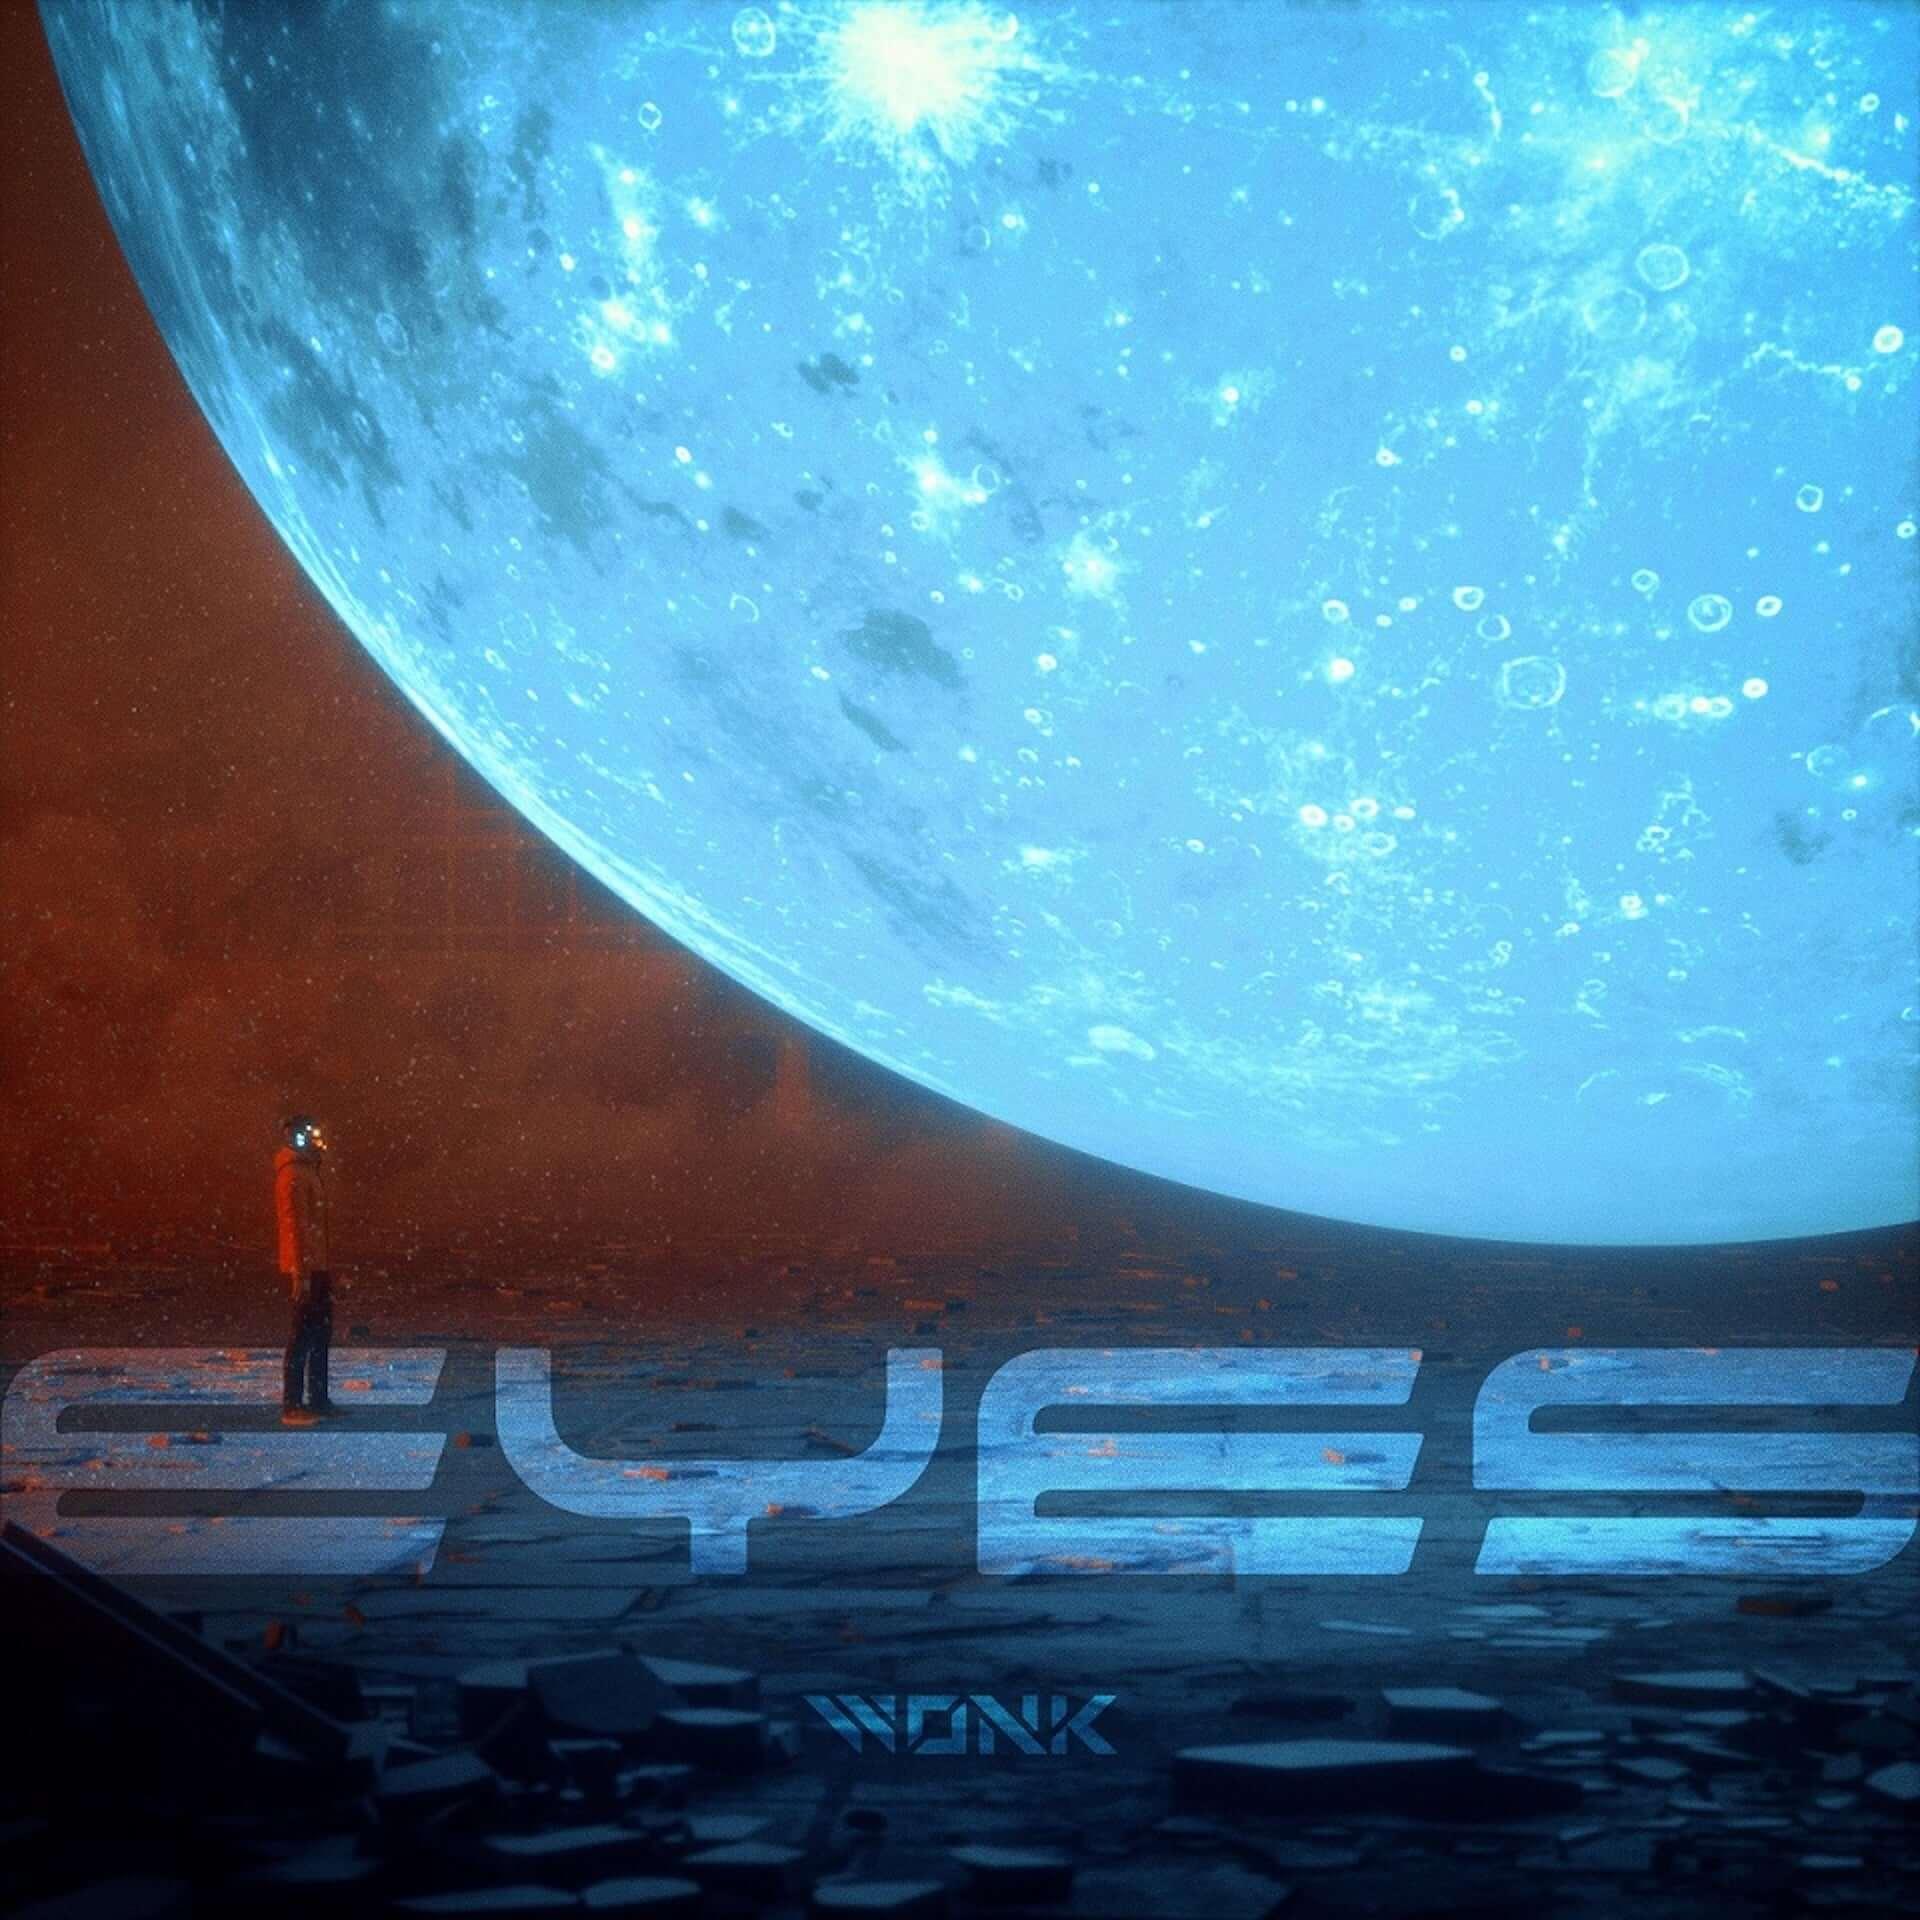 WONKの新アルバム『EYES』のリリース情報が解禁!本日J-WAVEにて無観客ライブ中継も実施 music200409_wonk_3-1920x1920